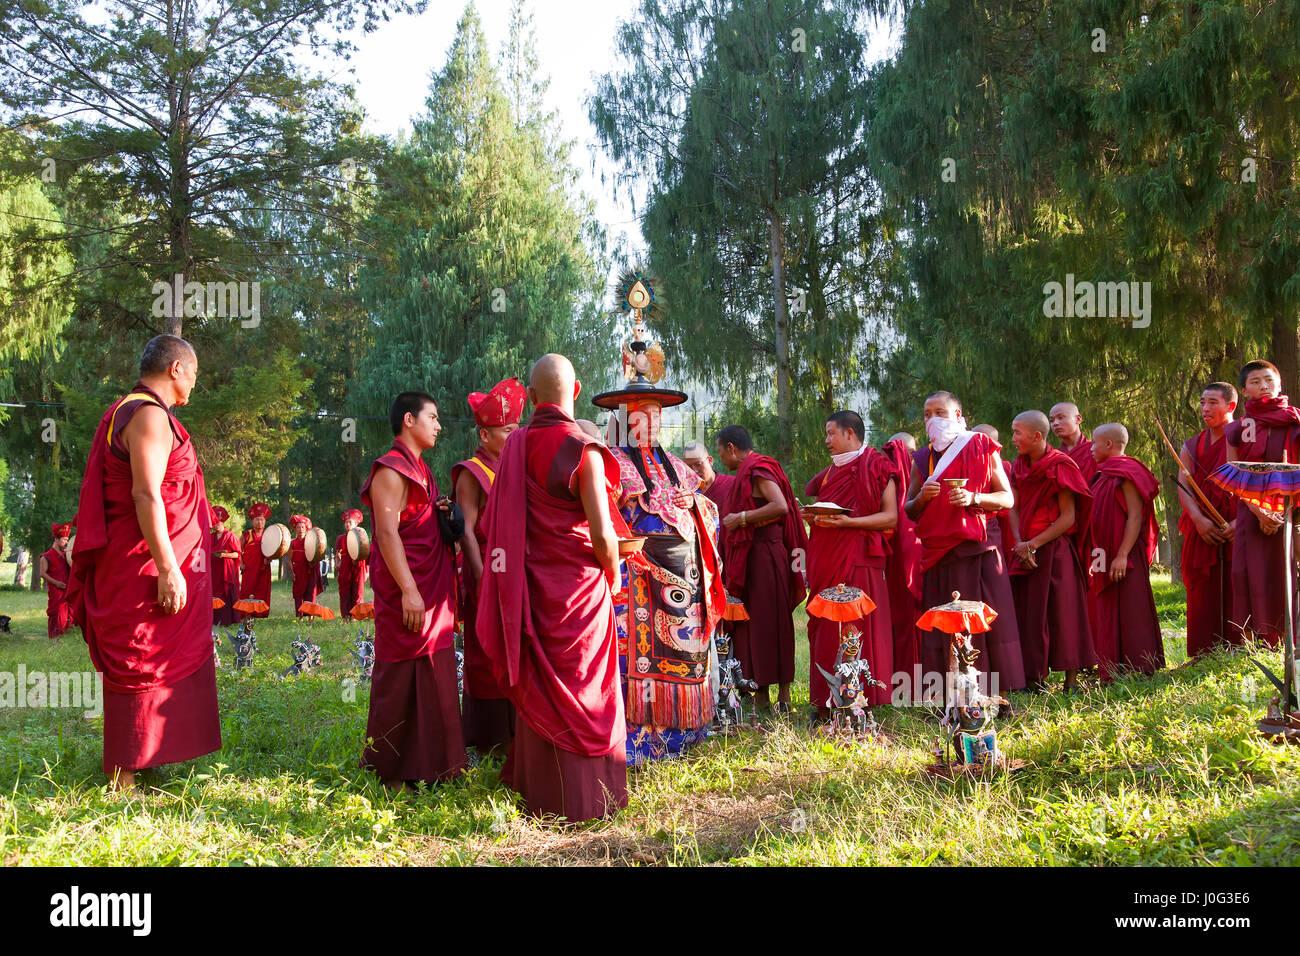 Mönche, die Durchführung von buddhistischen Zeremonie, Punakha Dzong (Kloster), Punakha, Bhutan Stockbild